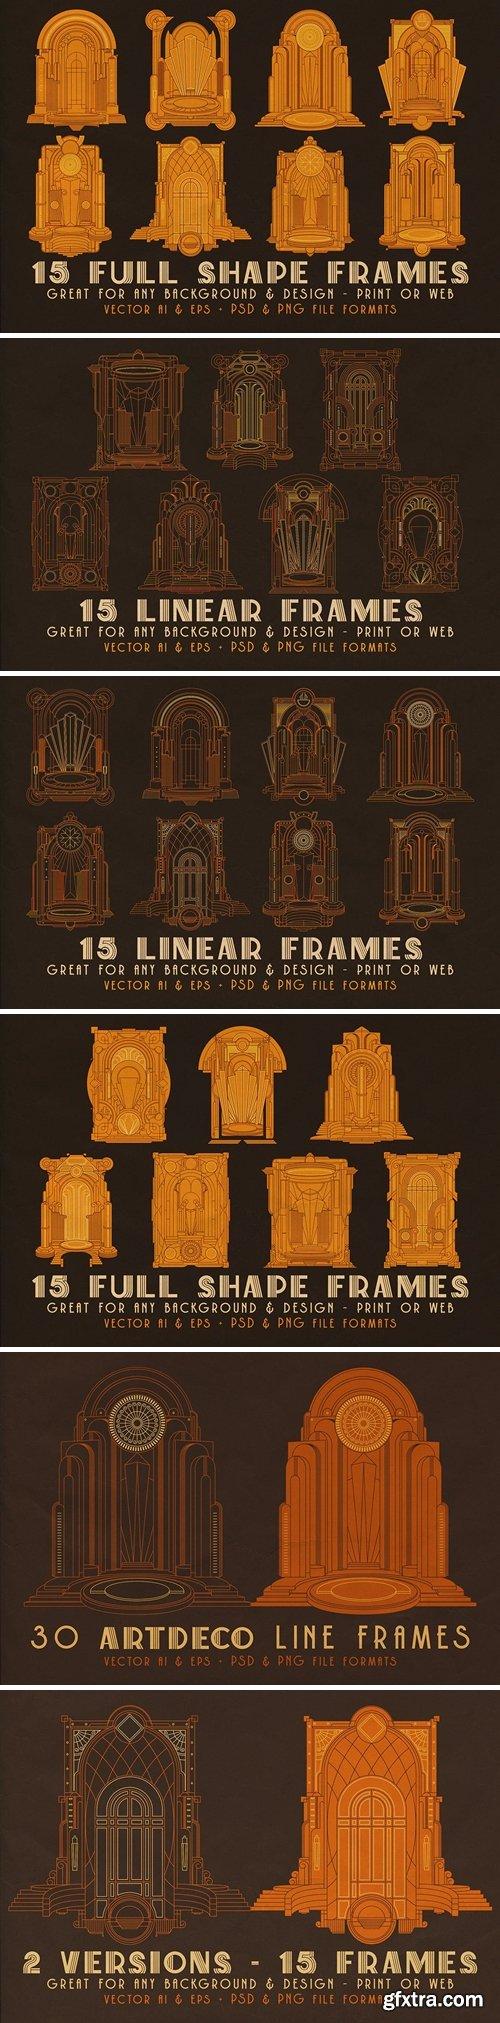 30 ArtDeco Line & Shape Frames